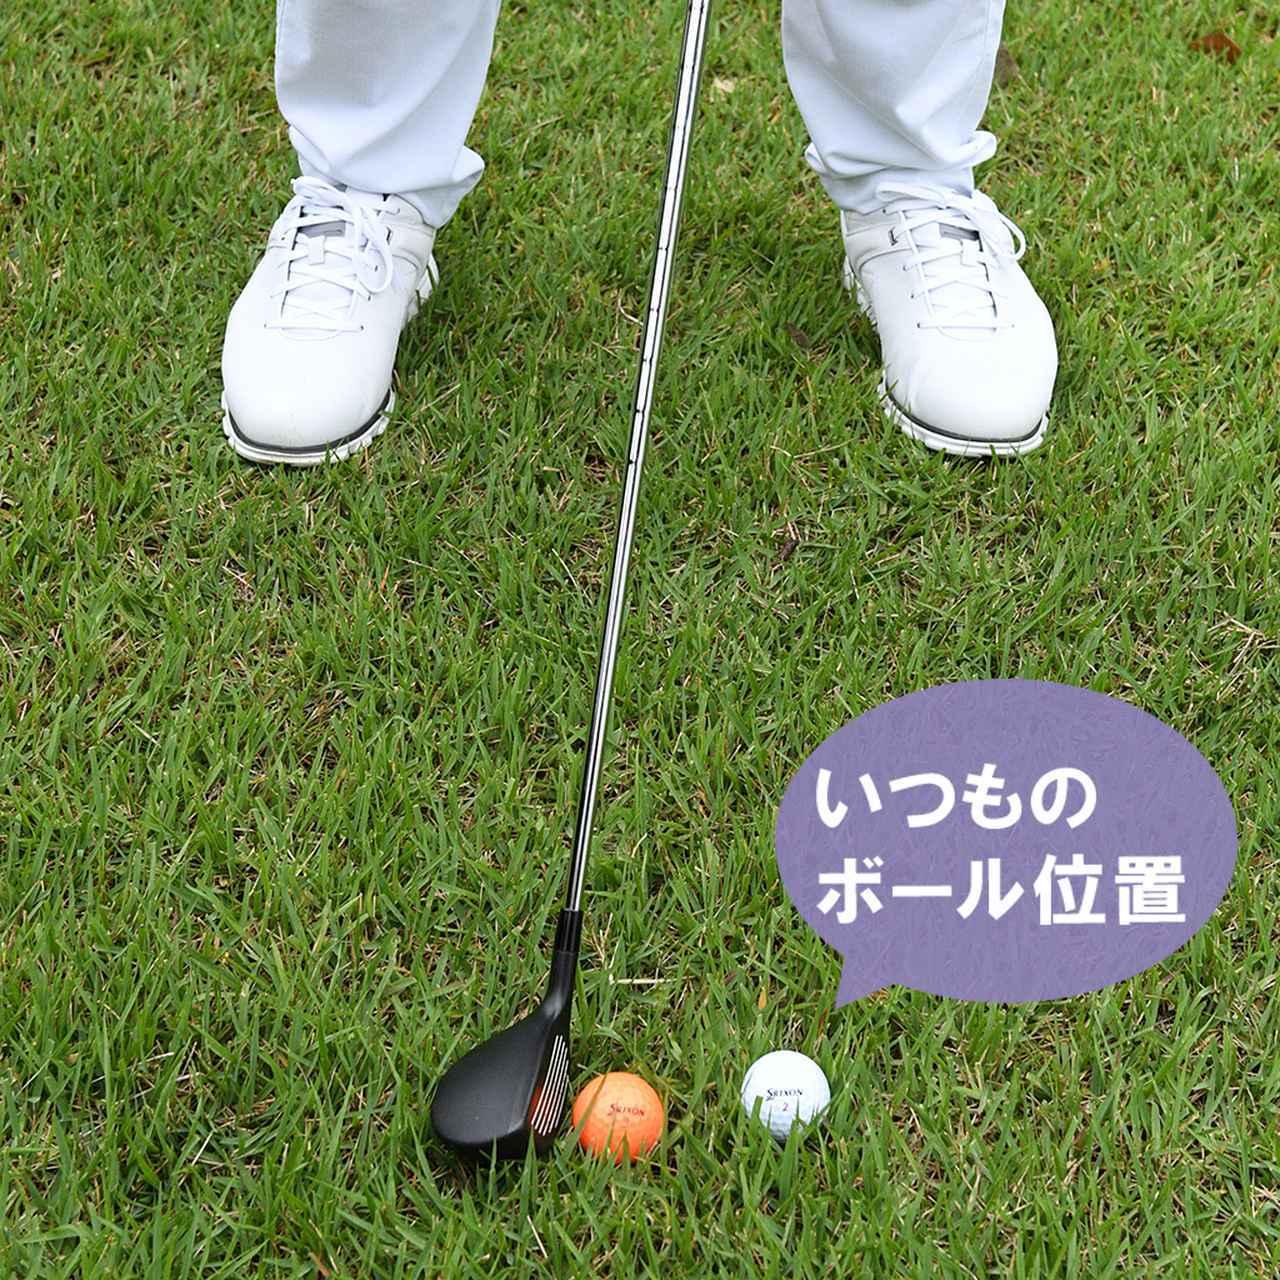 画像: オレンジがつま先上がりのボール位置